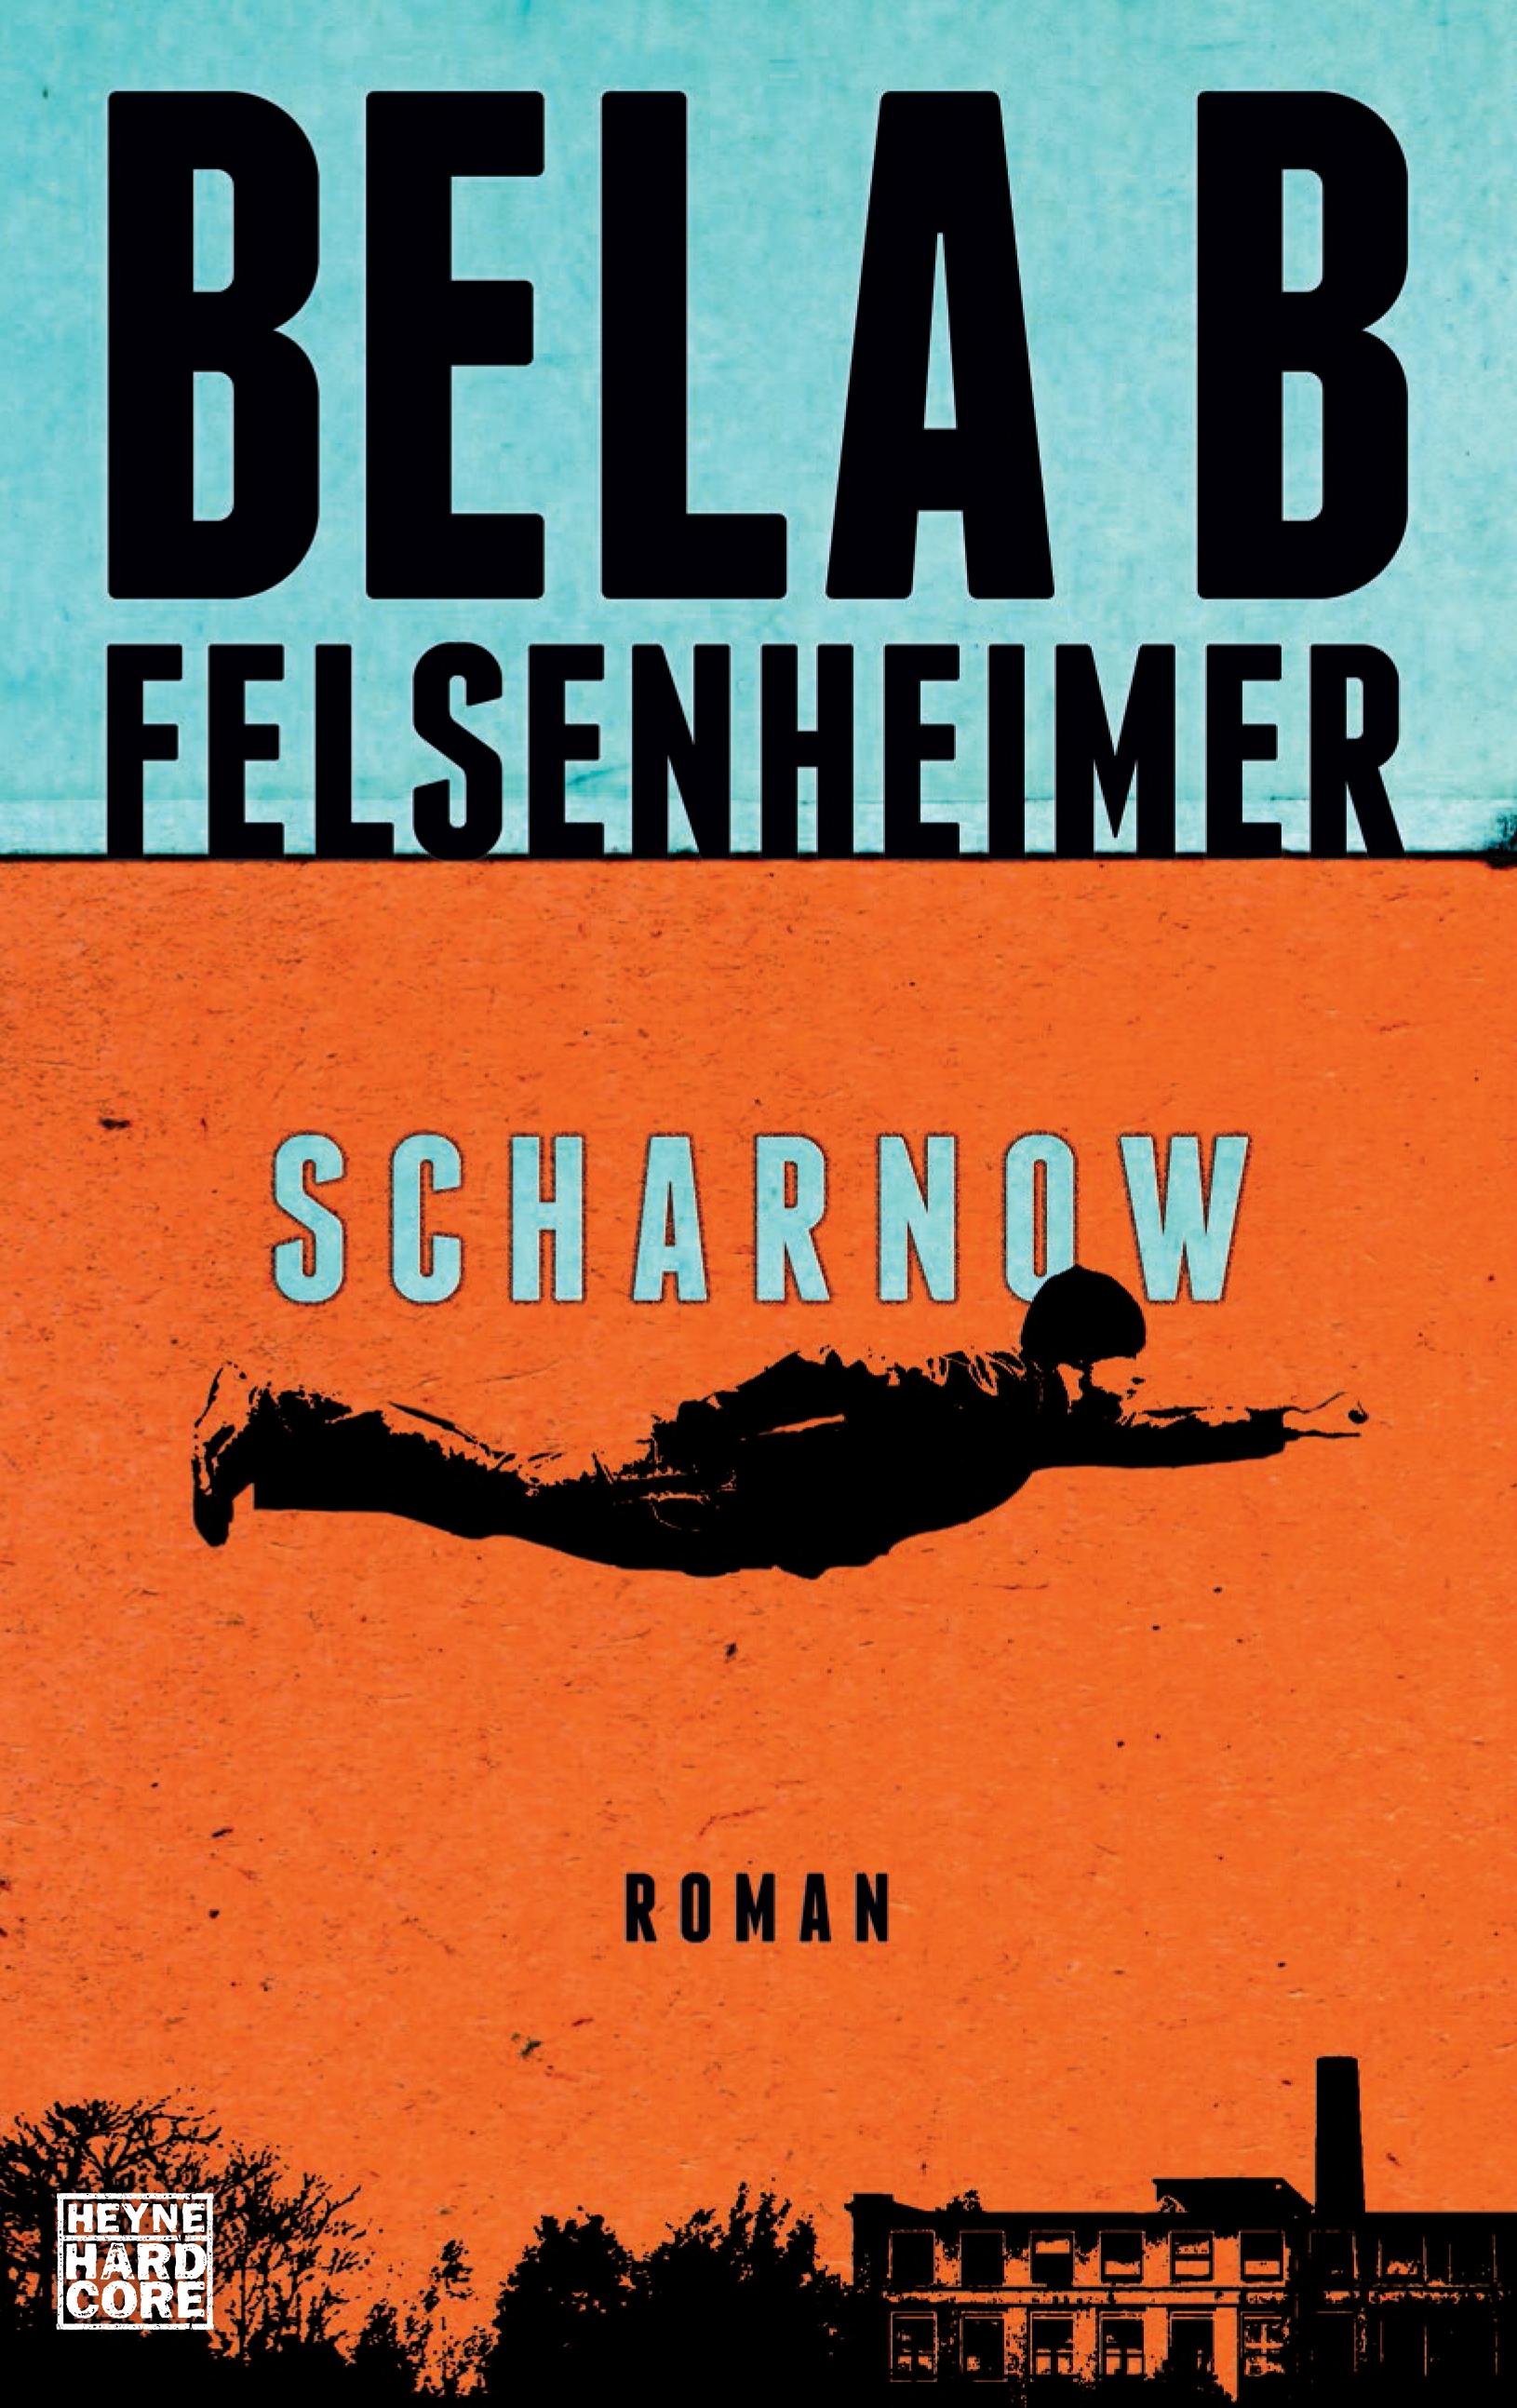 """SCHARNOW - In Scharnow, einem Dorf nördlich von Berlin, ist der Hund begraben. Scheinbar. Tatsächlich wird hier gerade die Welt gewendet: Schützen liegen auf der Lauer, um die Agenten einer Universalmacht zu vernichten, ein mordlustiges Buch richtet blutige Verheerung an, und mittendrin hat ein Pakt der Glücklichen plötzlich kein Bier mehr. Wenn sich dann ein syrischer Praktikant für ein Mangamädchen stark macht, ist auch die Liebe nicht weit.""""Scharnow"""", der Debütroman von Bela B Felsenheimer, ist als gebundenes Buch, Hörbuch (gelesen vom Autor) und eBook bei Heyne Hardcore erschienen.Mehr Infos zur Lesereise hier."""